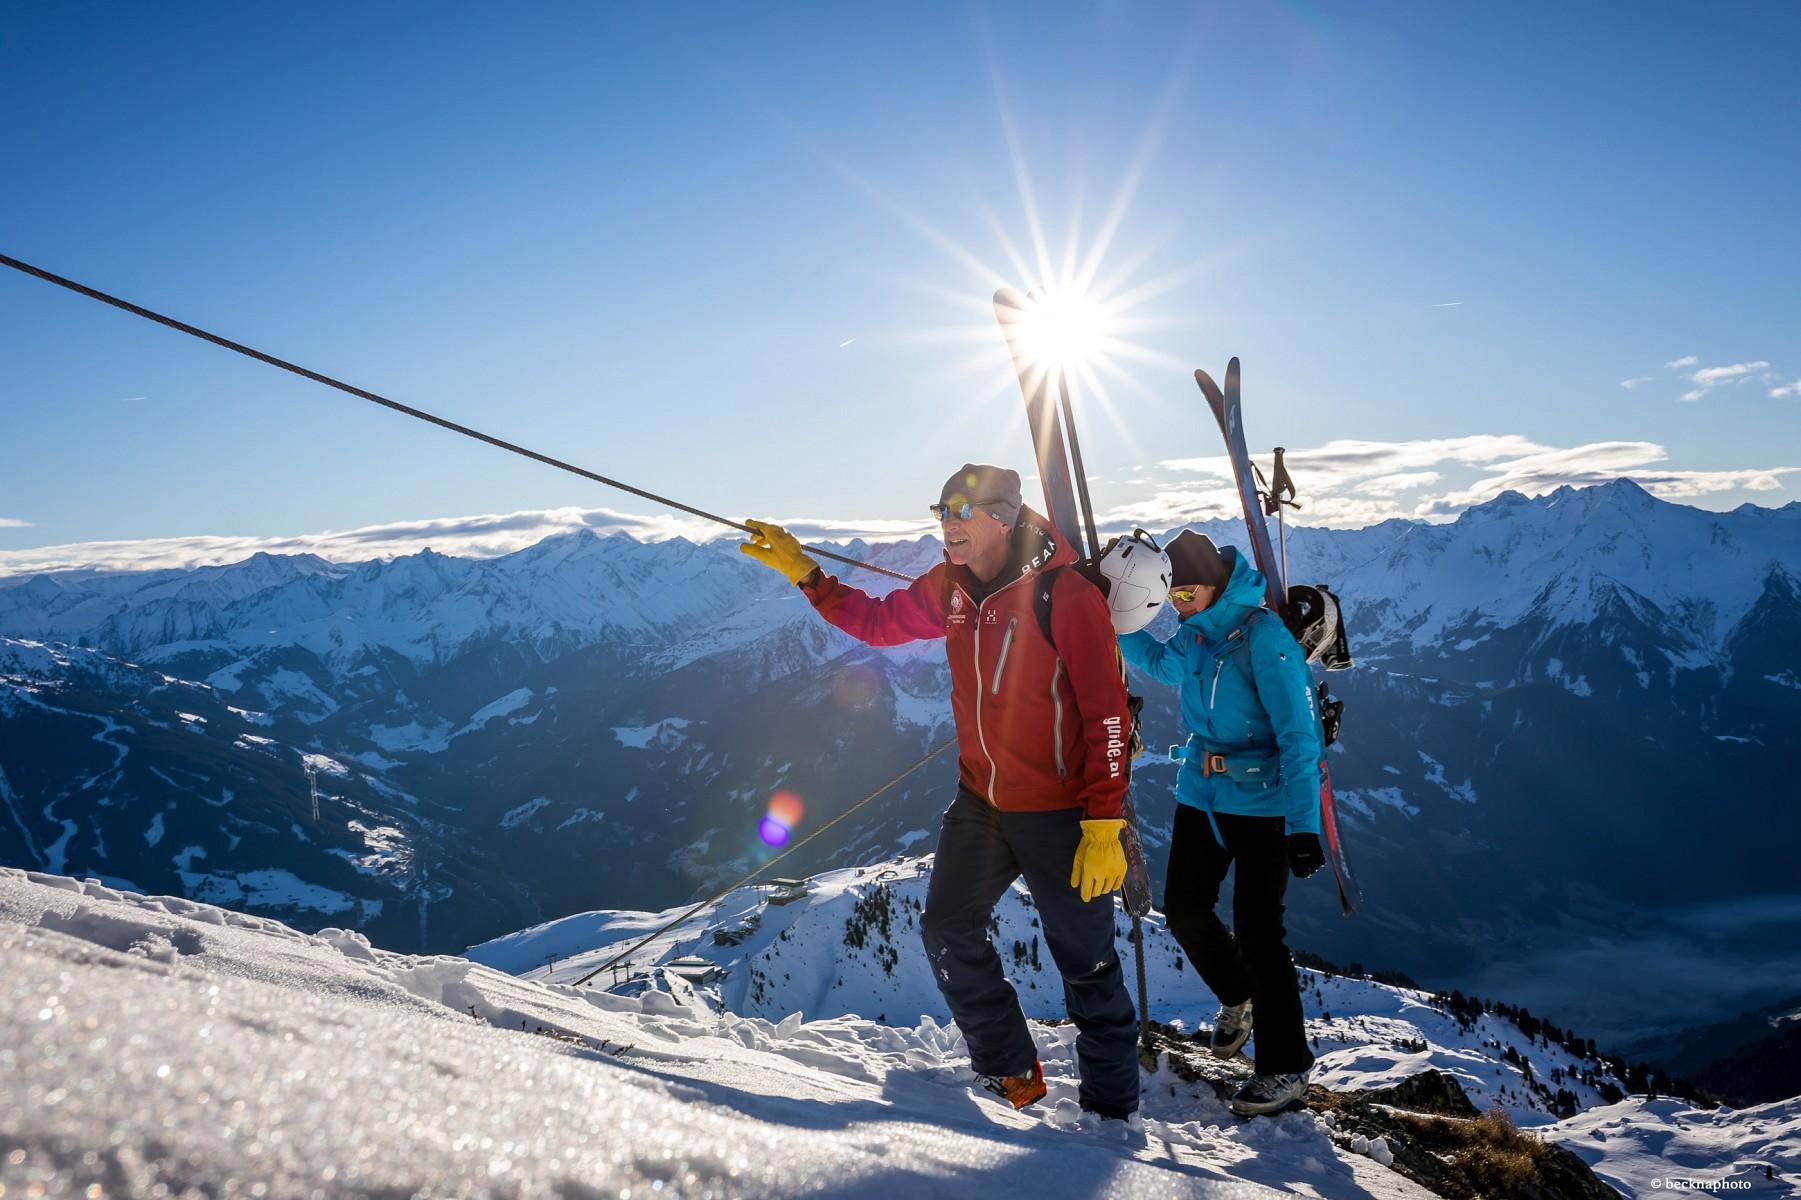 pDer-Winter-Alpinsteig-eignet-sich-fuumlr-alle-die-trittsicher-und-schwindelfrei-sind-aber-noch-nicht-auf-einen-Klettersteig-moumlchten-Kletterer-koumlnnennbspden-Hochzillertaler-Winterklettersteig-zum-Anfangspunkt-des-Winter-Alpinsteigsnbspnehmenp